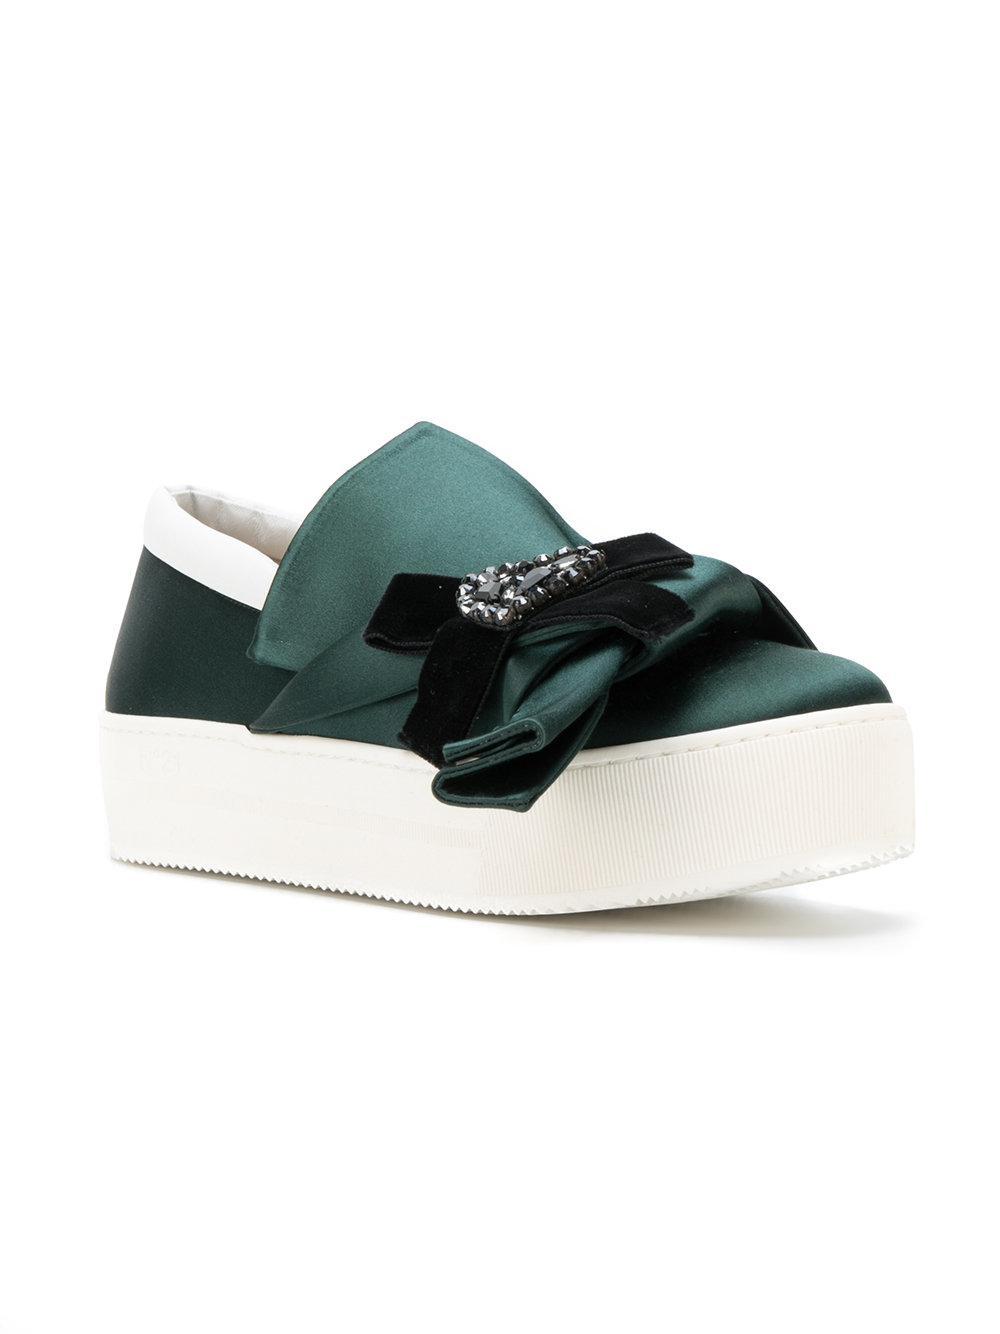 N°21 Velvet Embellished Bow Slip-on Sneakers in Green